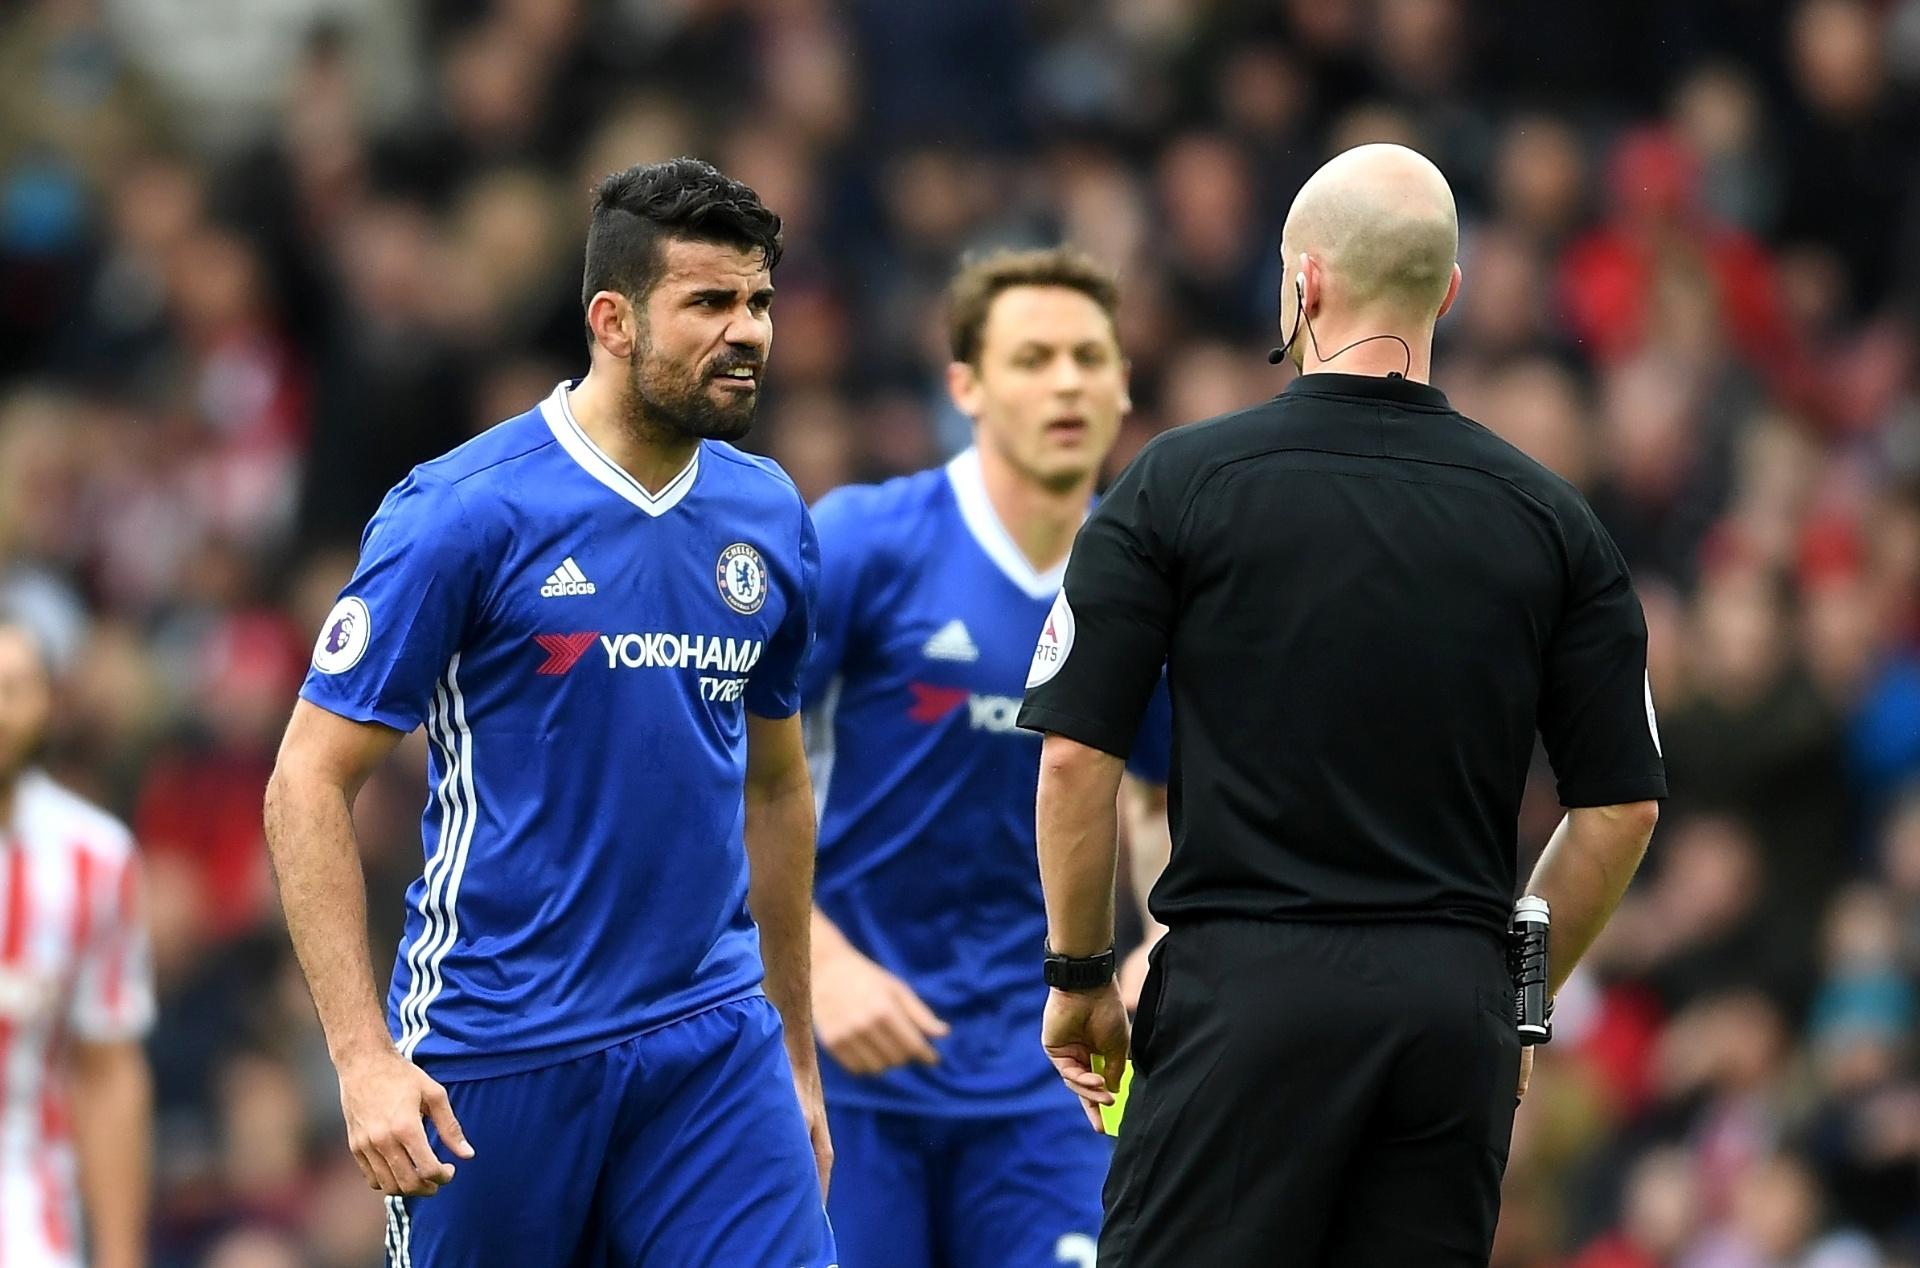 Conte elogia disciplina e  novo  temperamento de Diego Costa no Chelsea -  18 03 2017 - UOL Esporte e244c765fd028